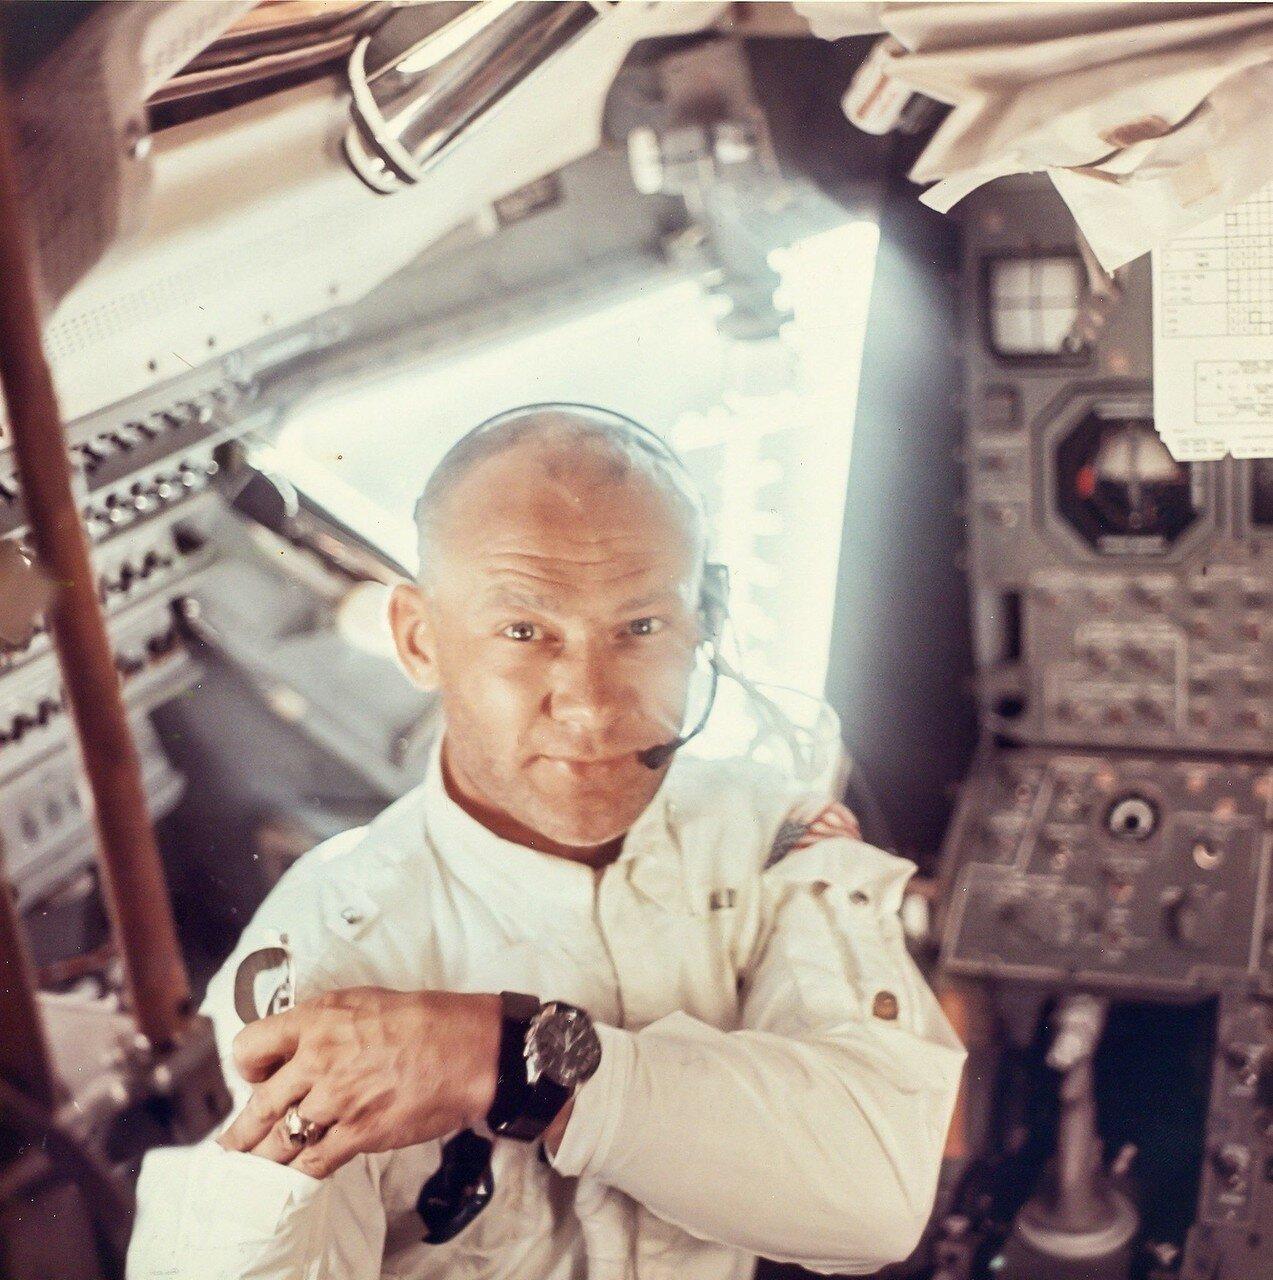 В 25 часов 00 минут 53 секунды полётного времени «Аполлон-11» преодолел ровно половину расстояния от Земли до Луны, пролетев 193 256 км.  На снимке: Внутри лунного модуля «Орел» во время полета на Луну Аполлона-11